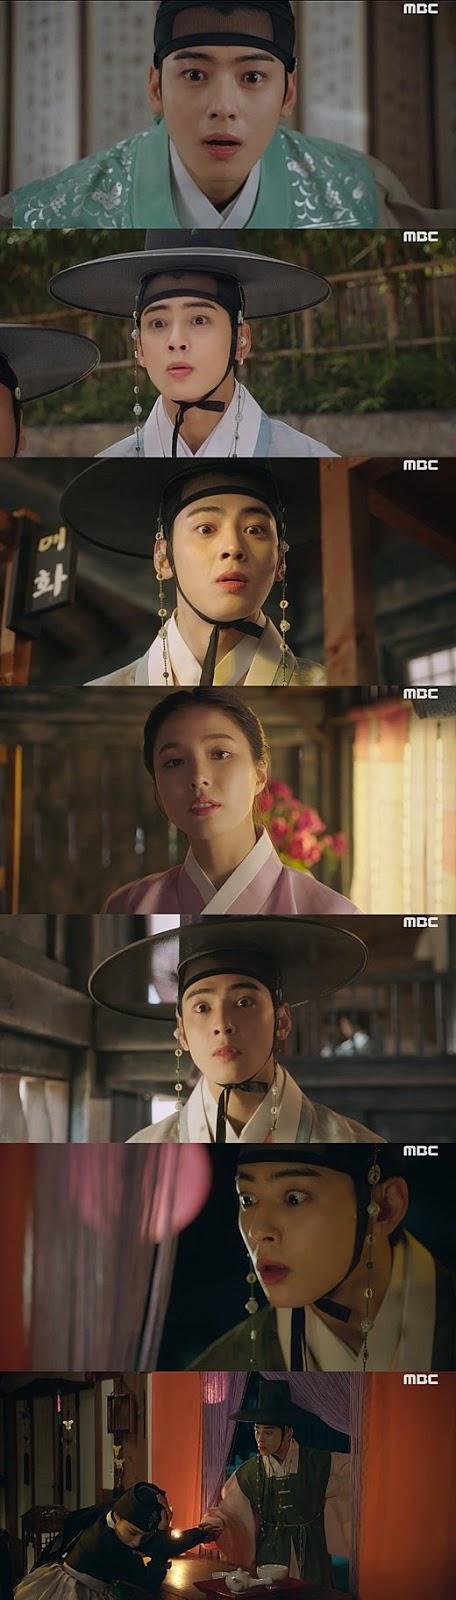 Cha Eunwoo'nun oyunculuğu 'Rookie Historian Goo Haeryung'un ilk bölümünden sonra eleştiri aldı